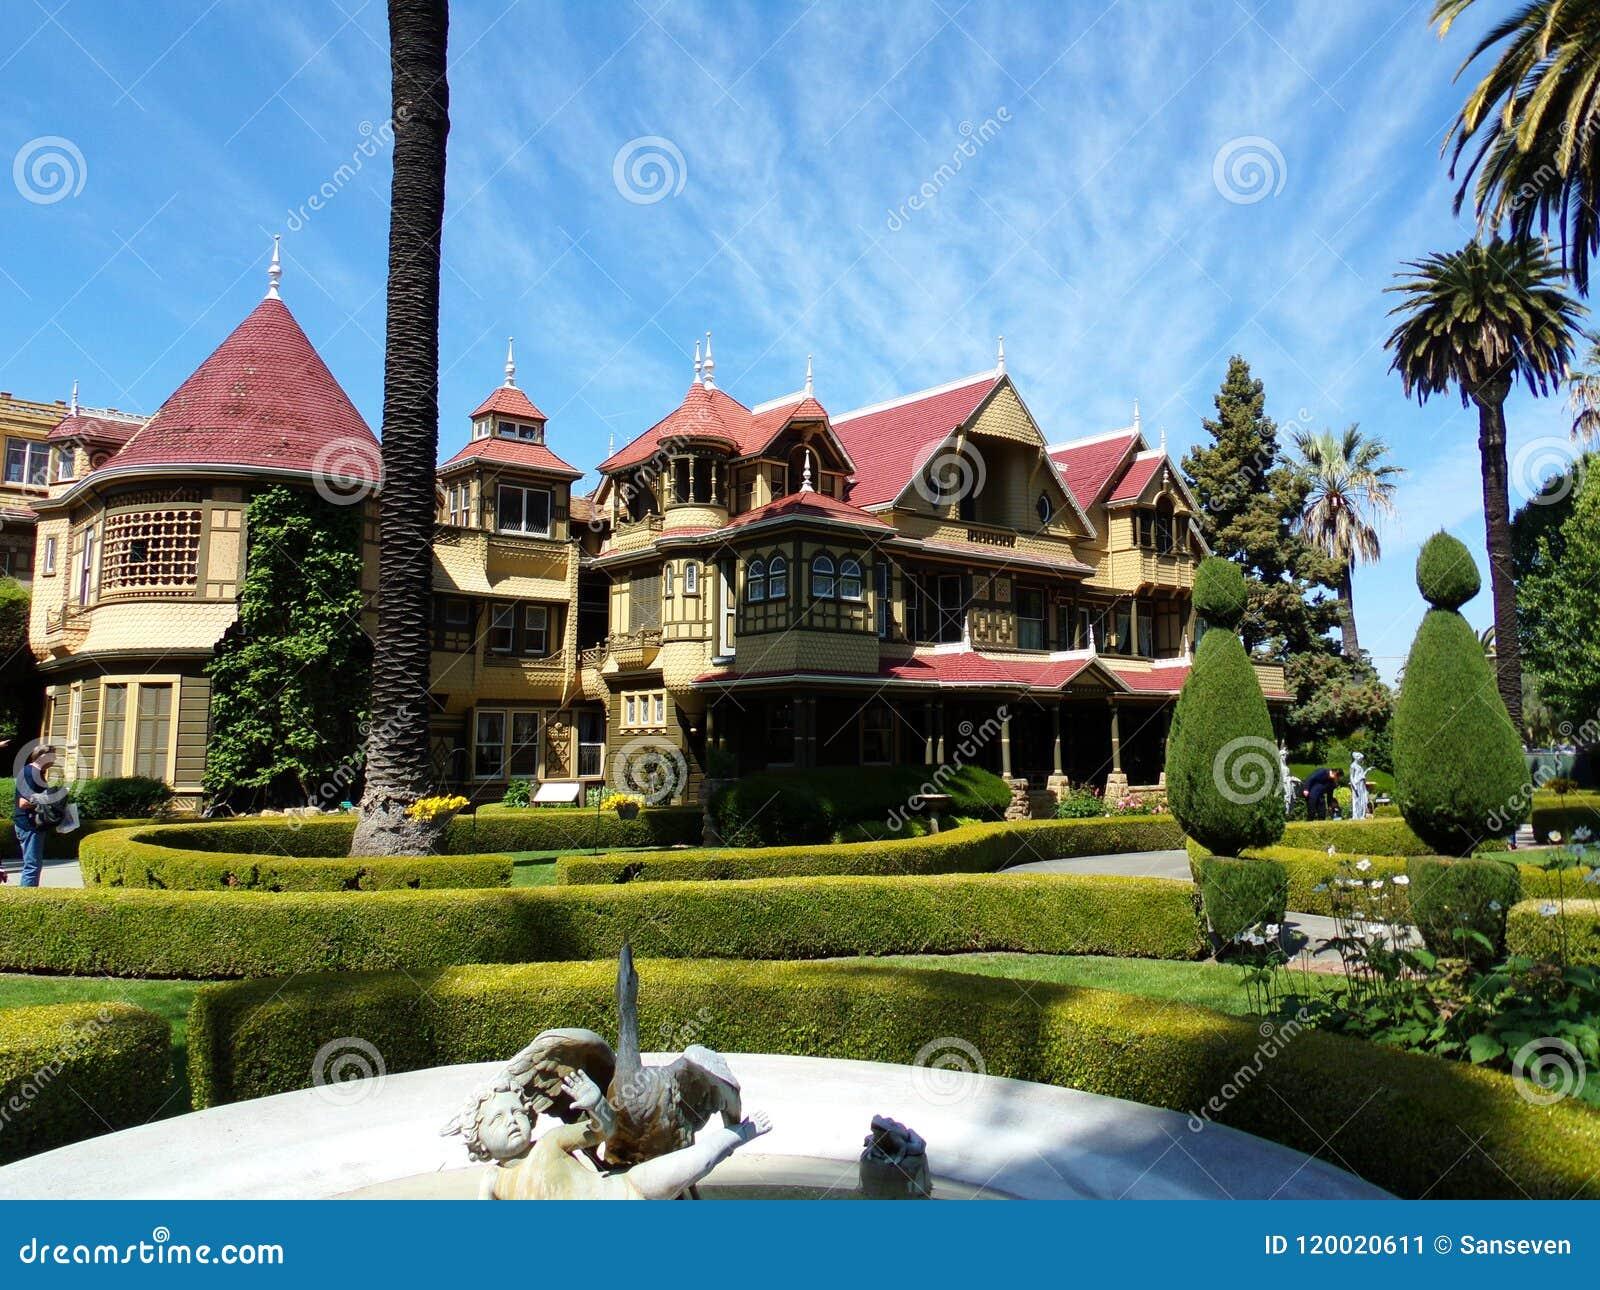 Дома в сан хосе купить дом в малаге